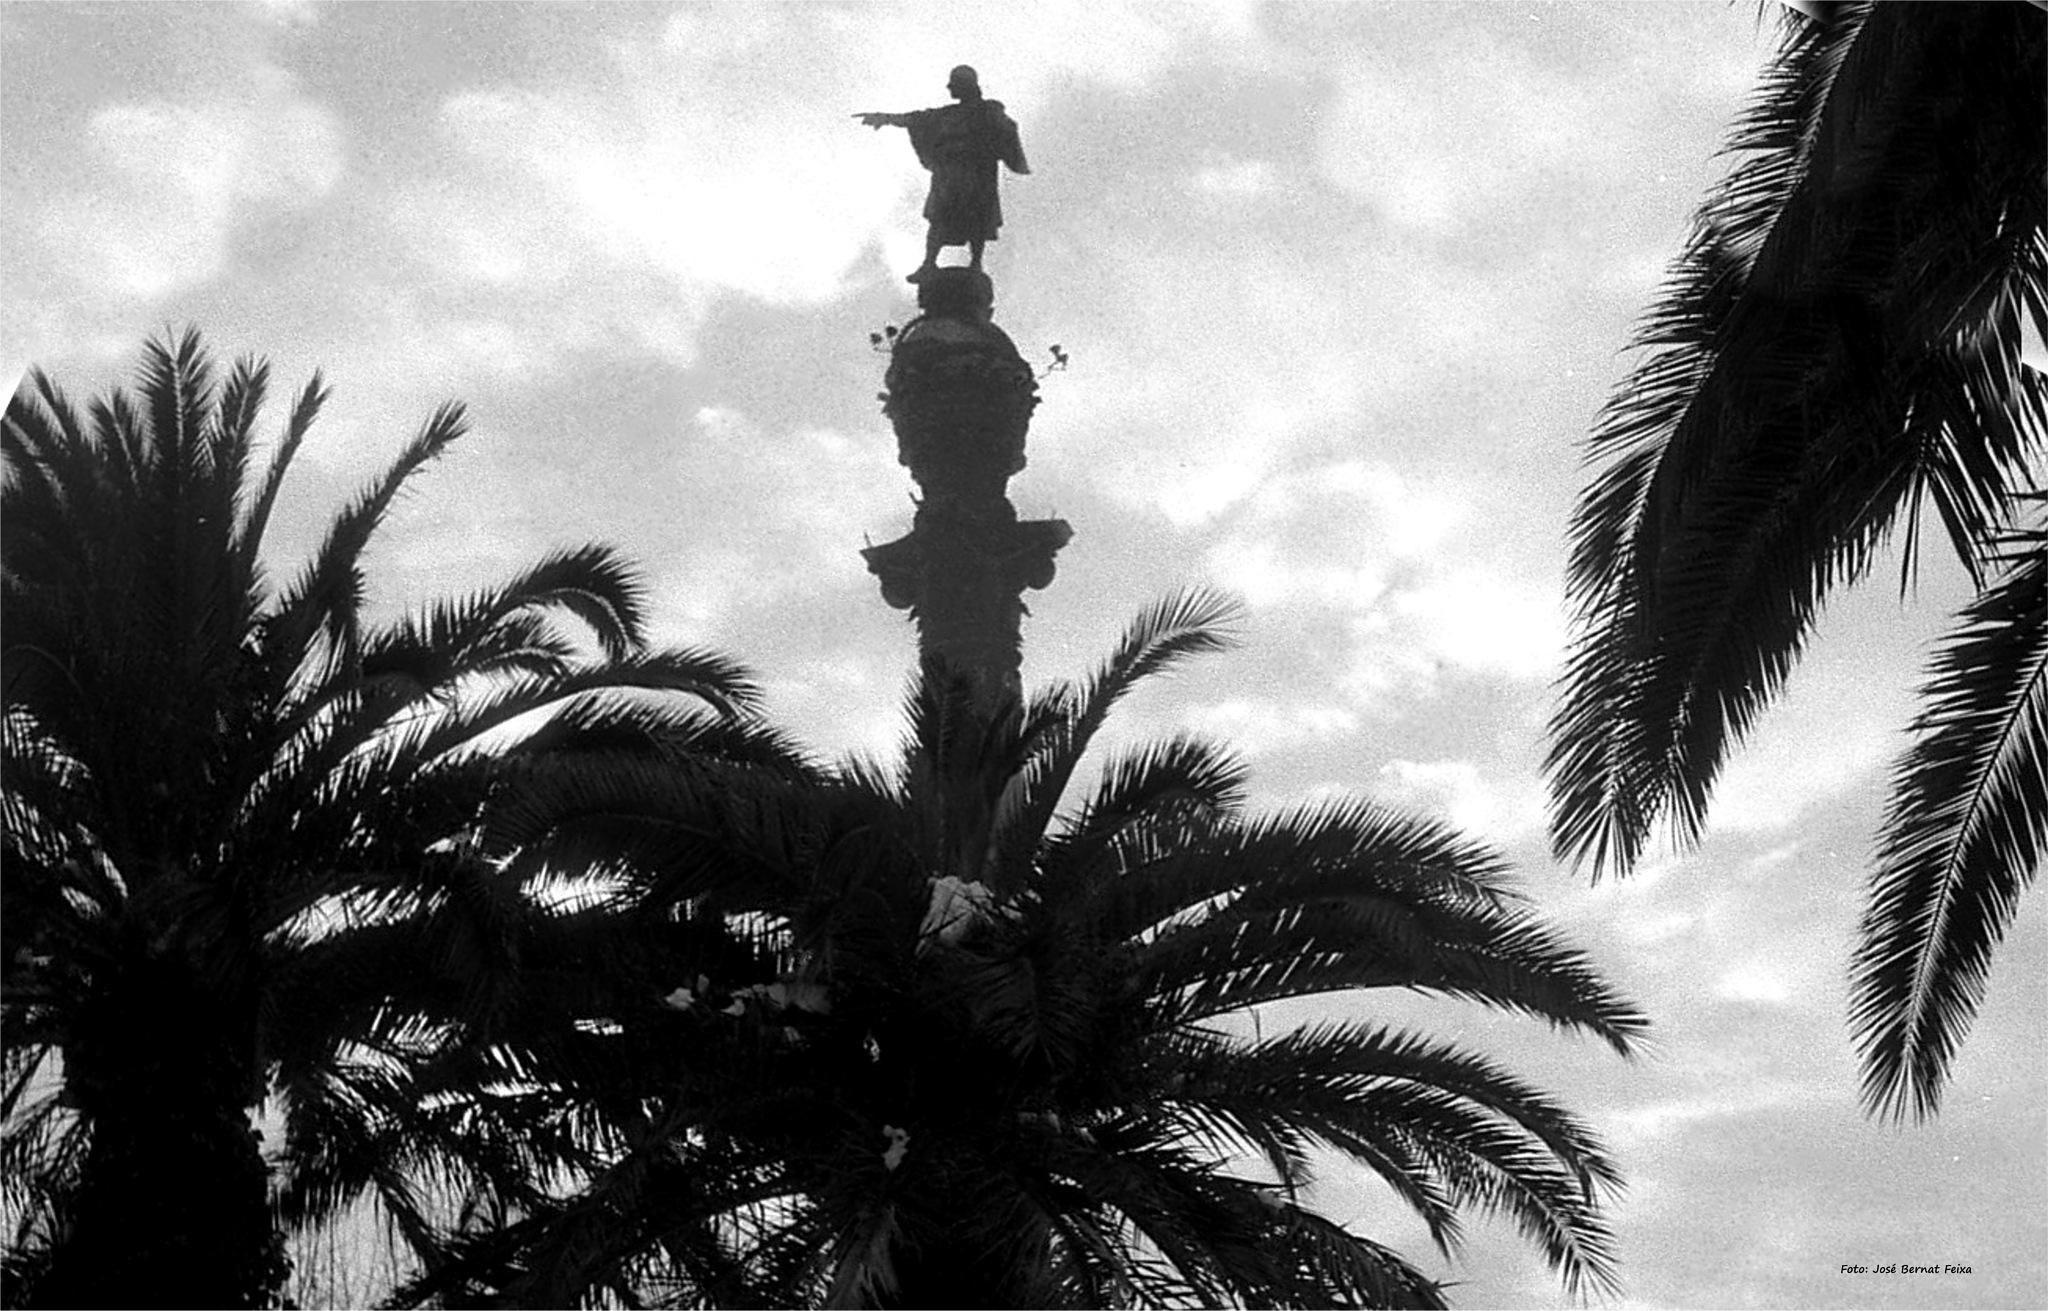 MONUMENTO A COLÓN; COLUMBUS MONUMENT, Barcelona (60's) by José Bernat Feixa